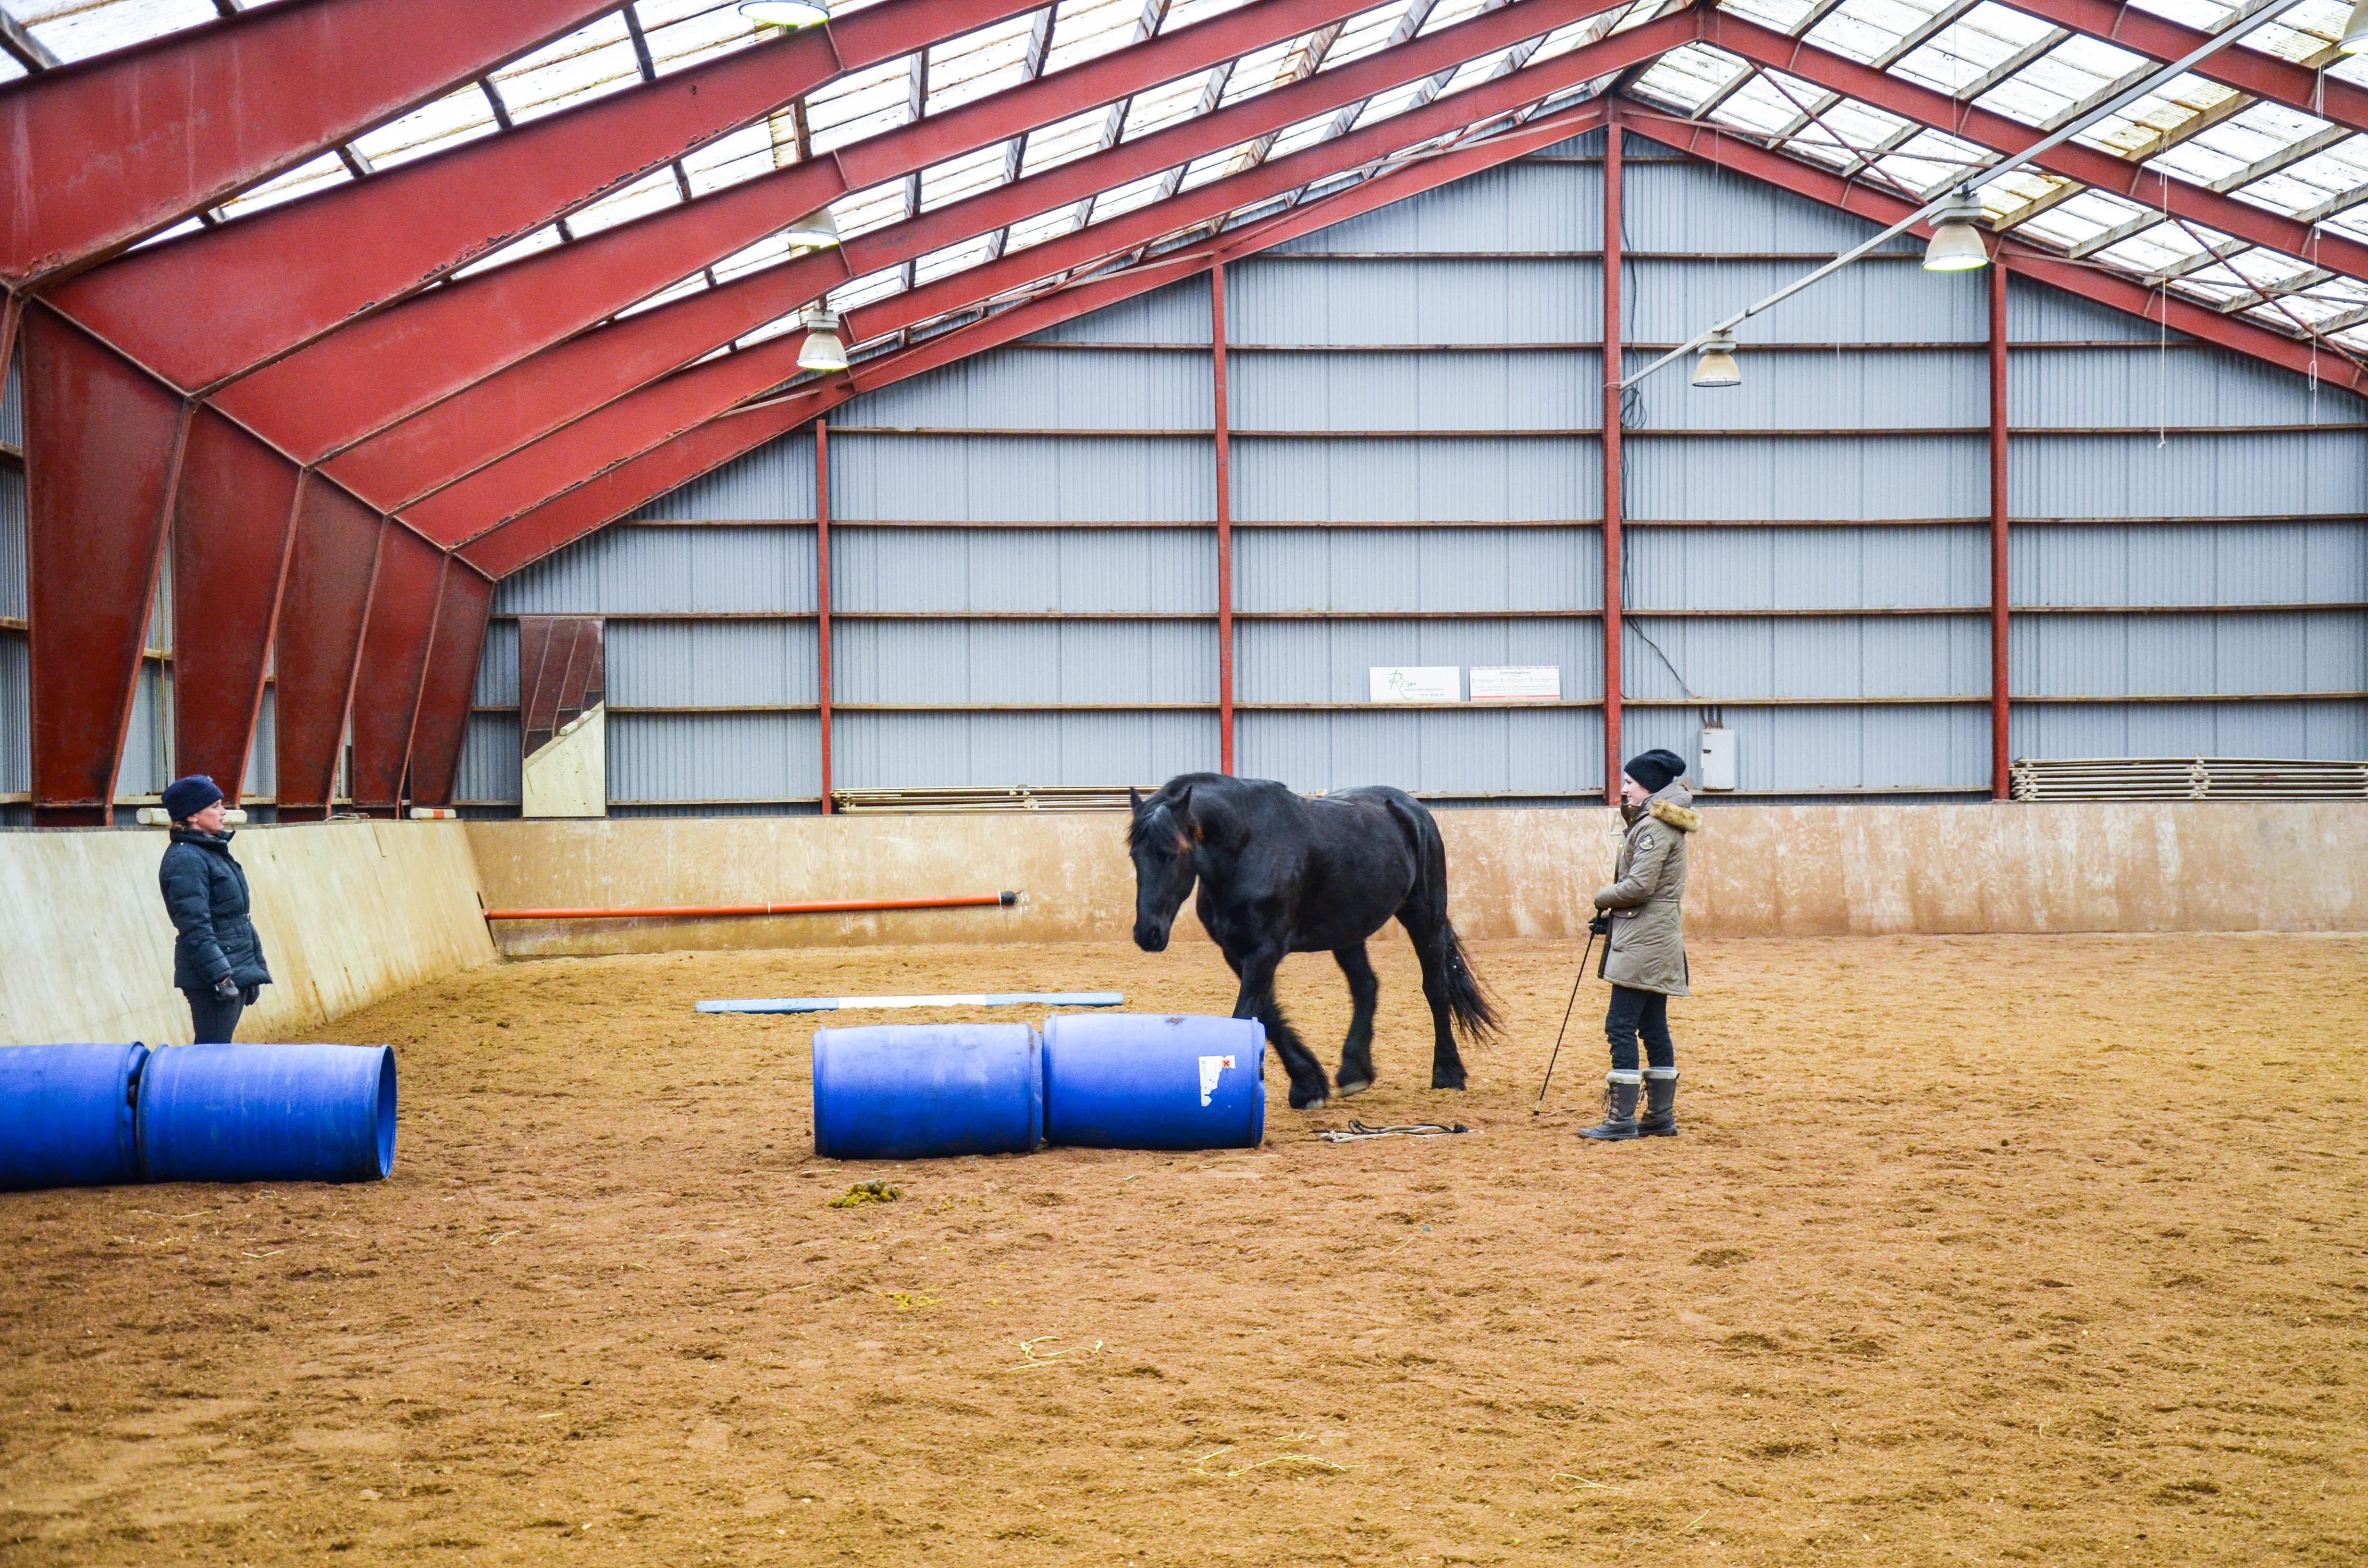 Det er fantastisk å kunne lede en hest kun på energi og fingersignaler!